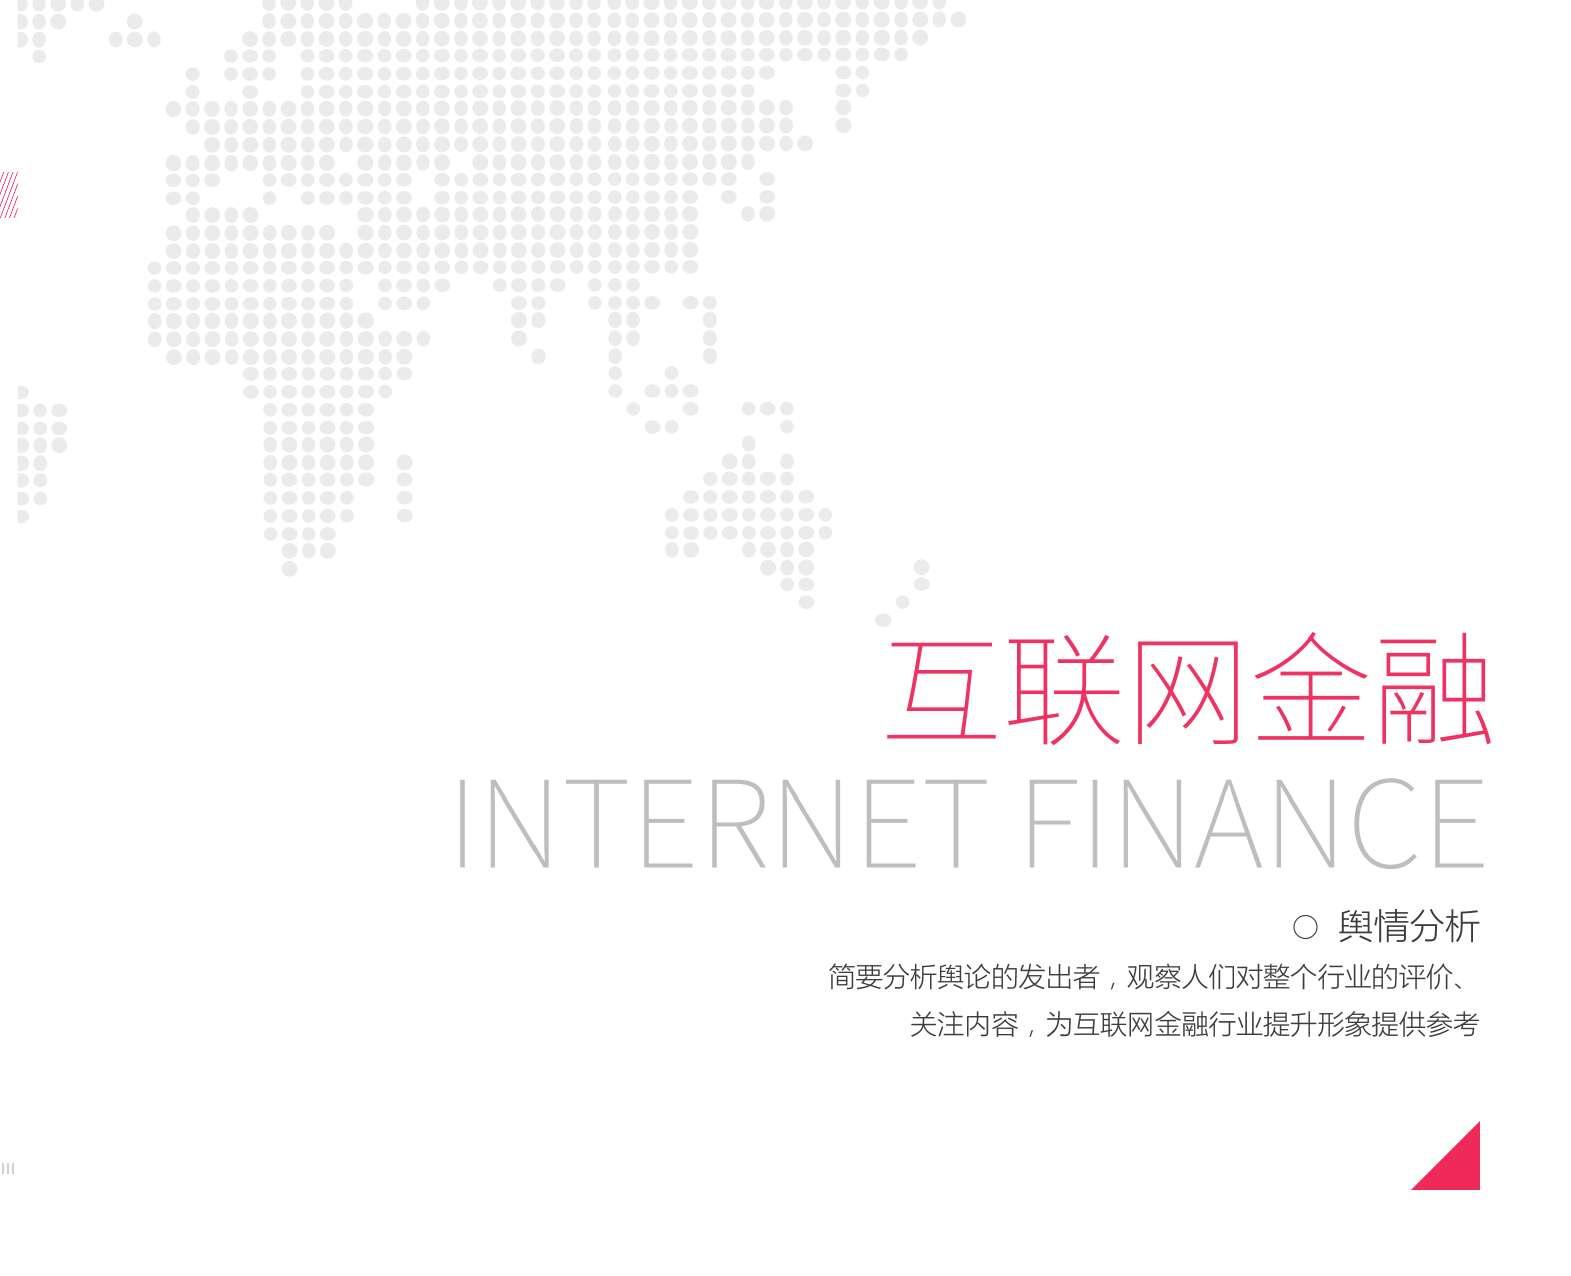 2015中国互联网发展报告_000043